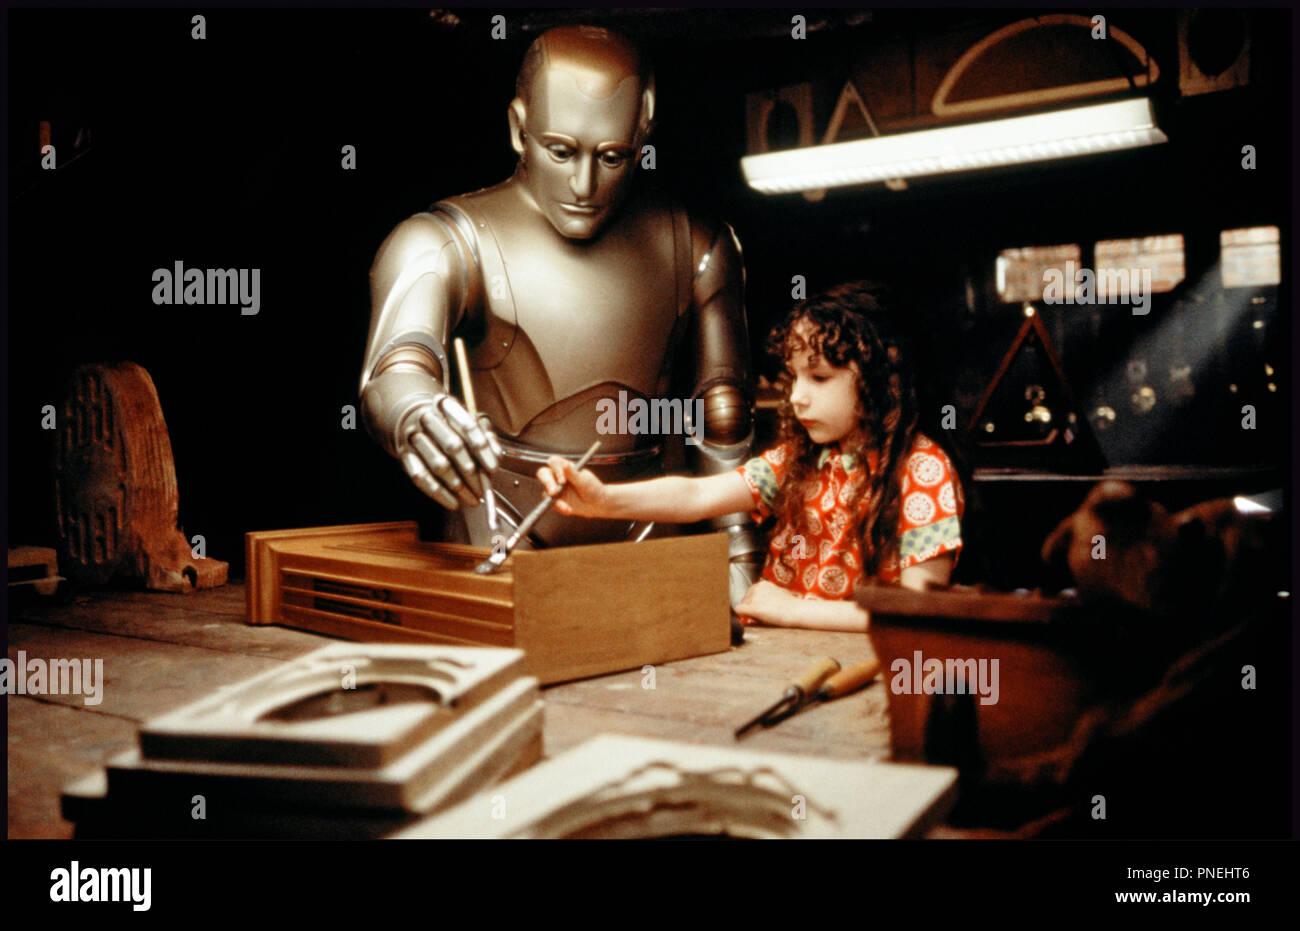 Prod DB © Columbia / DR L'HOMME BICENTENAIRE (BICENTENNIAL MAN) de Chris Columbus 1999 USA avec Robin Williams et Hallie Kate Eisenberg robot, peinture, apprentissage,  d'apres le roman de Isaac Asimov - Stock Image